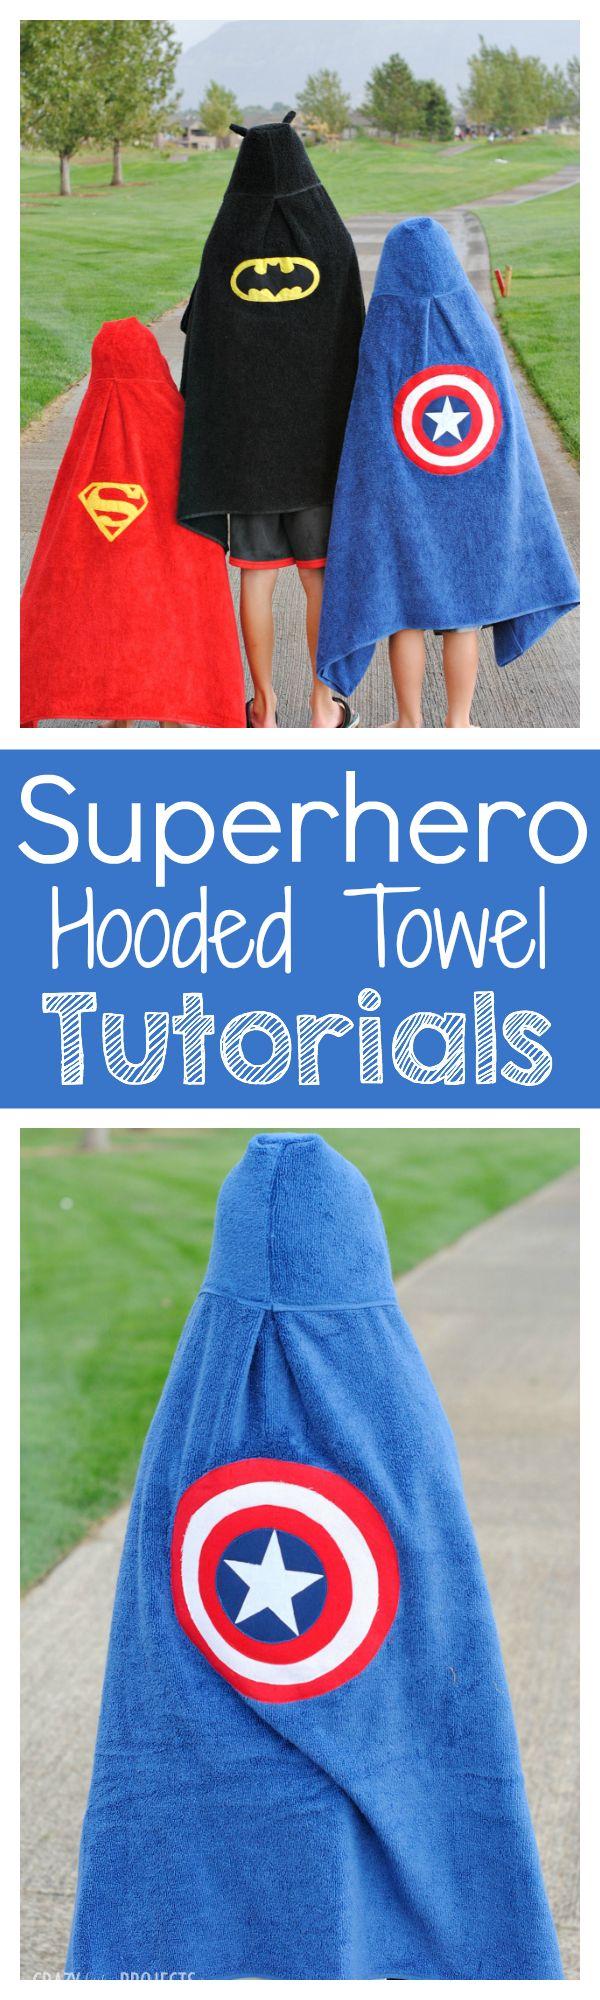 Superhero Hooded Towel Patterns